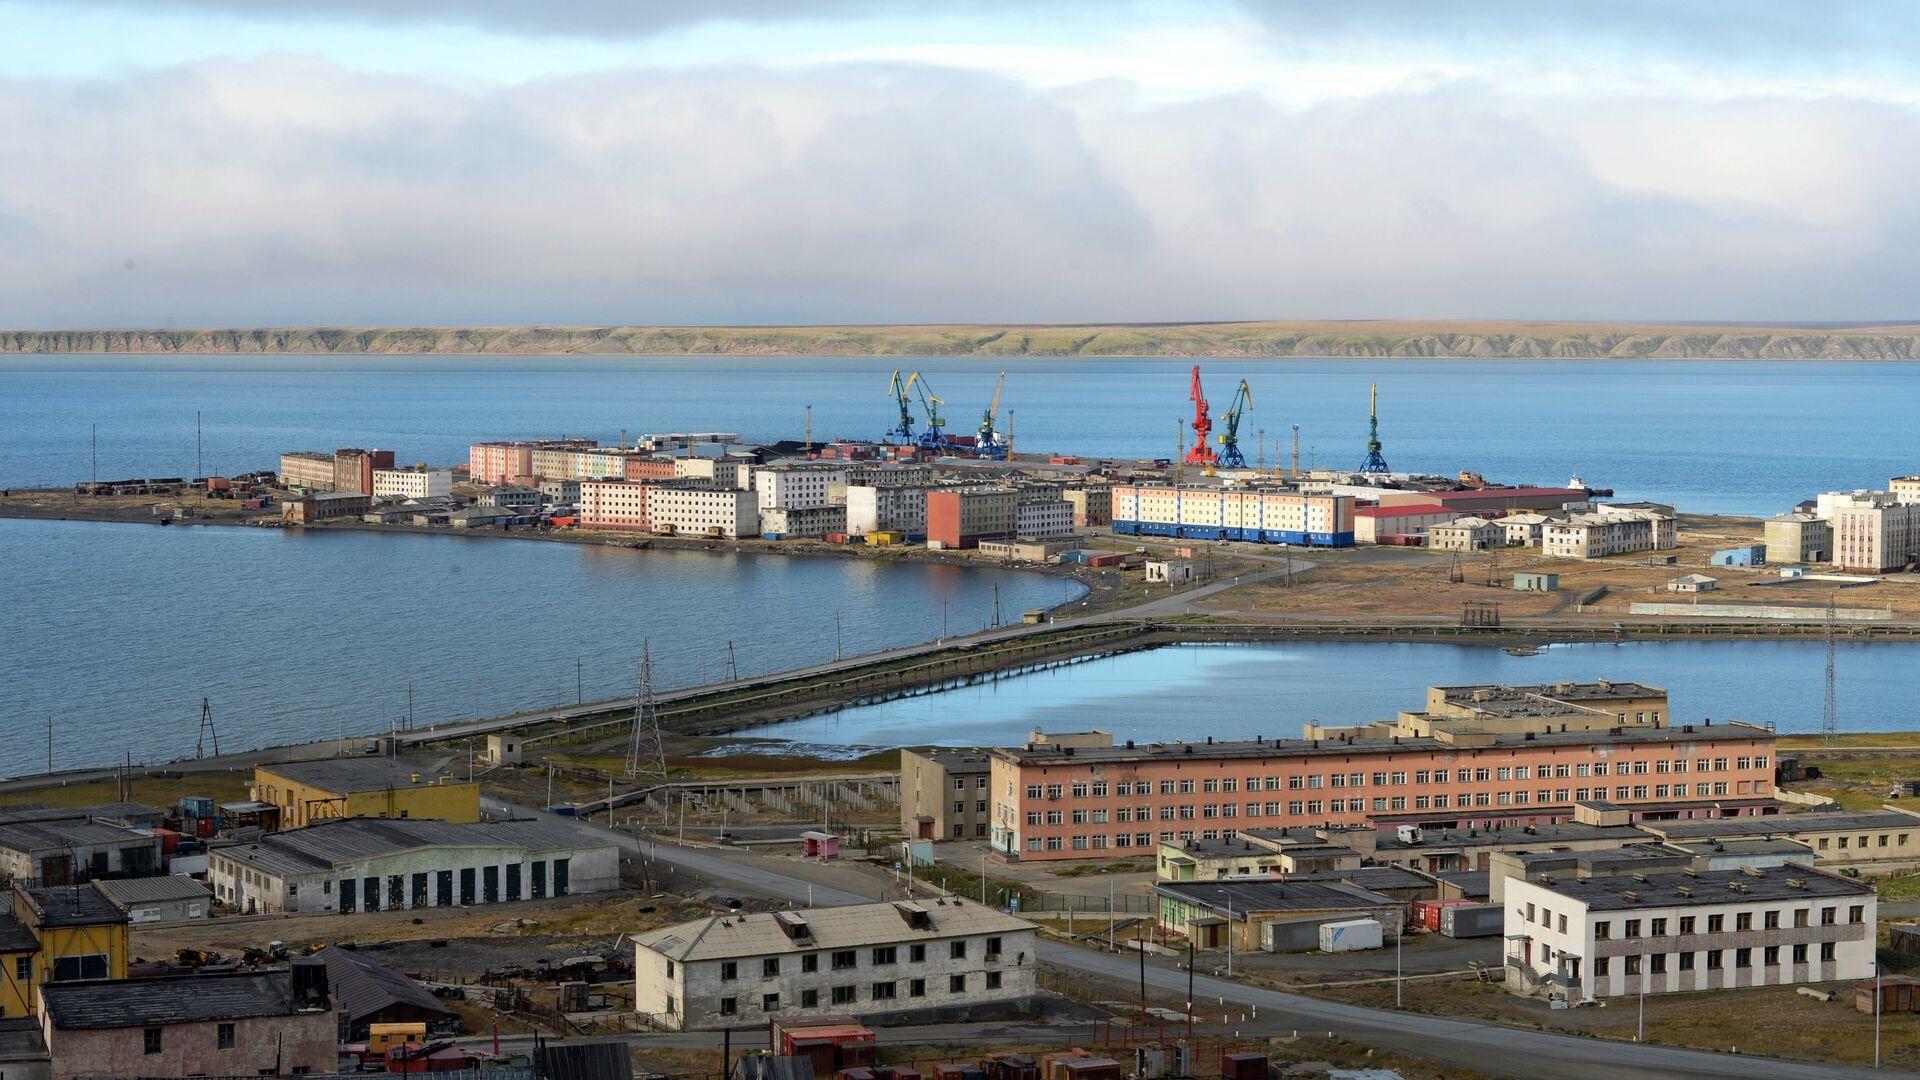 Вид на Морской порт города Певек - РИА Новости, 1920, 22.04.2021